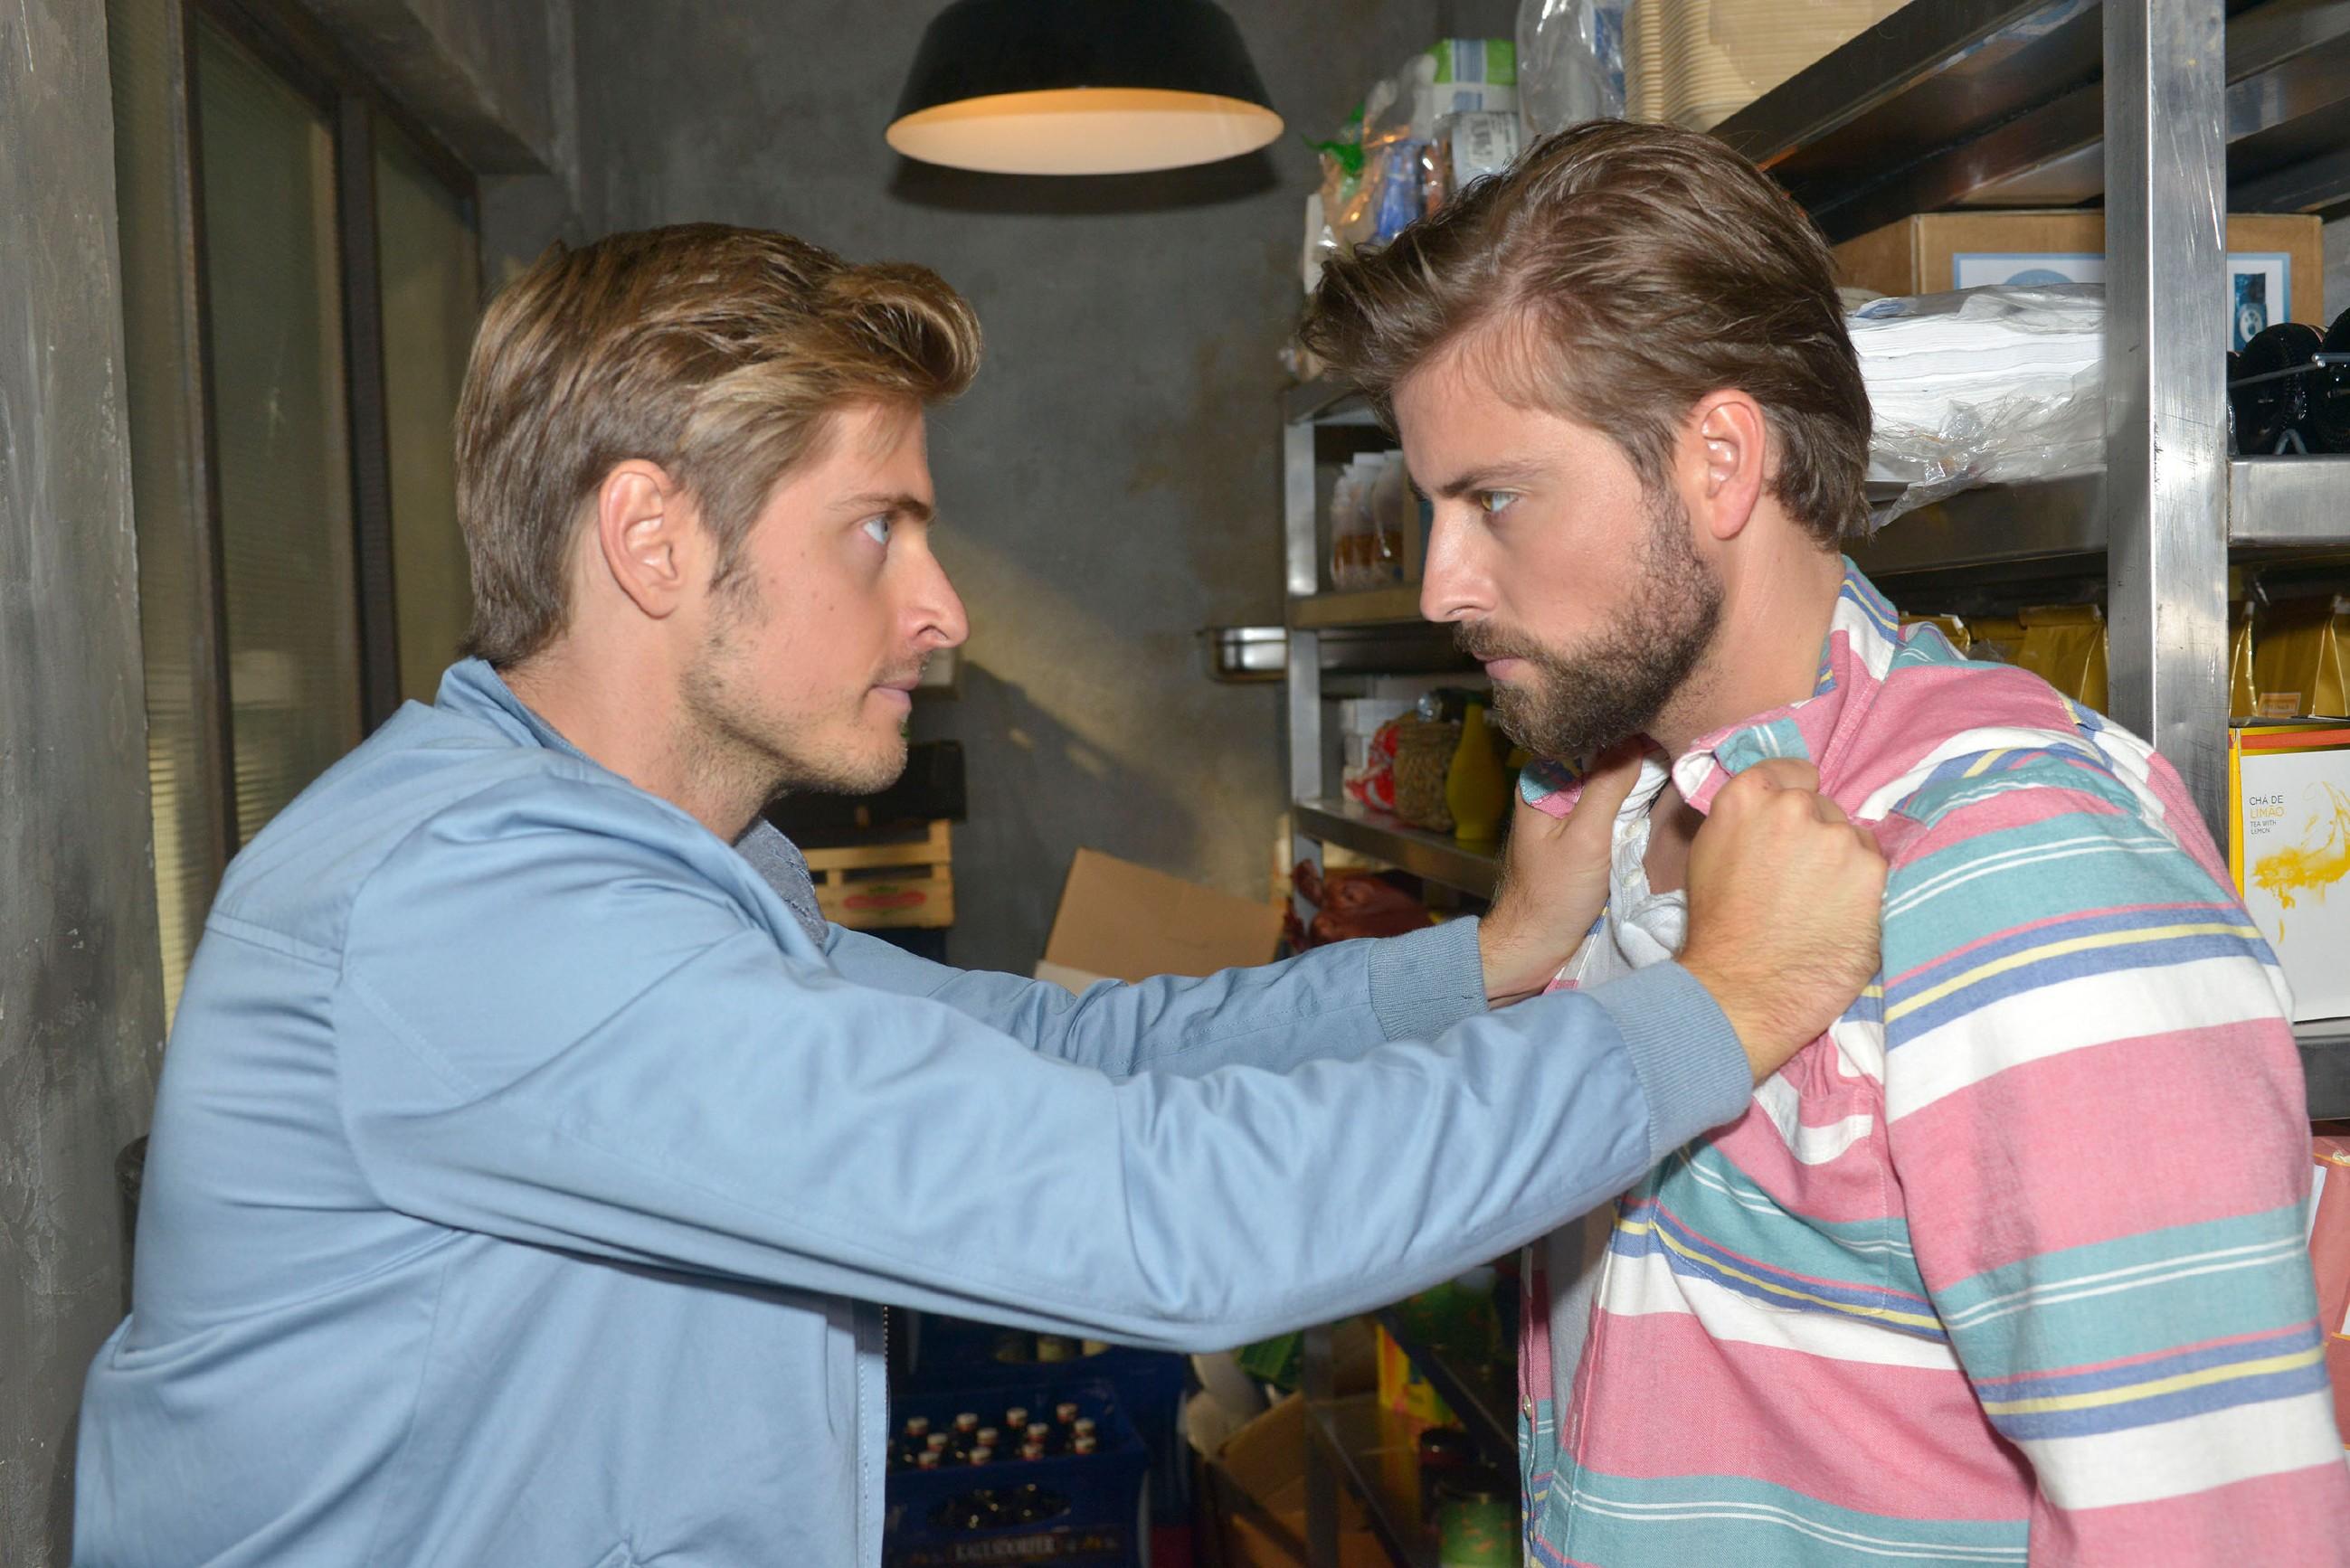 Nachdem Philip (Jörn Schlönvoigt, l.) erfahren hat, dass John (Felix von Jascheroff) ihn verkuppeln wollte, kommt es unter den Brüdern zu einem bösen Streit... (Quelle: RTL / Rolf Baumgartner)